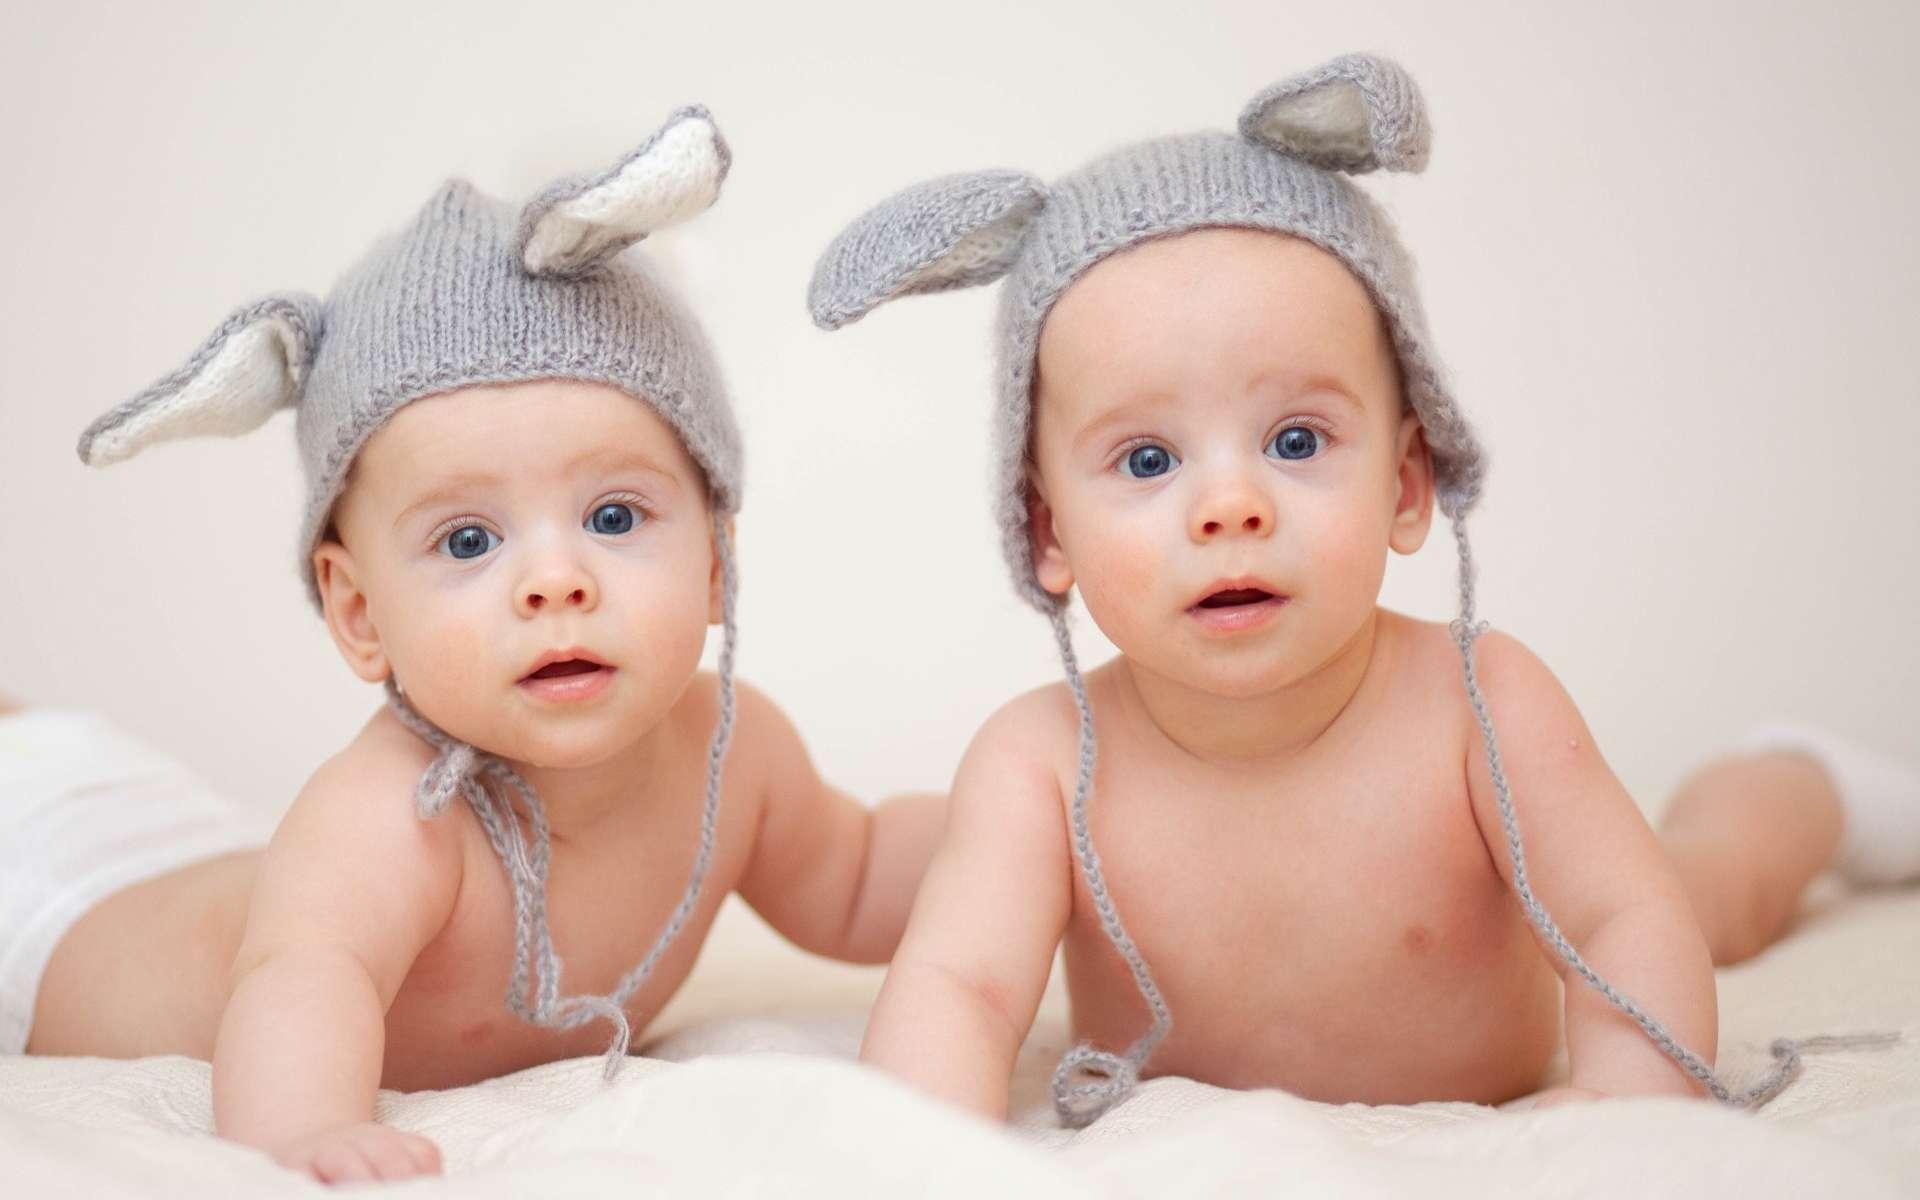 Il n'y a jamais eu autant de naissances de jumeaux dans le monde - Futura